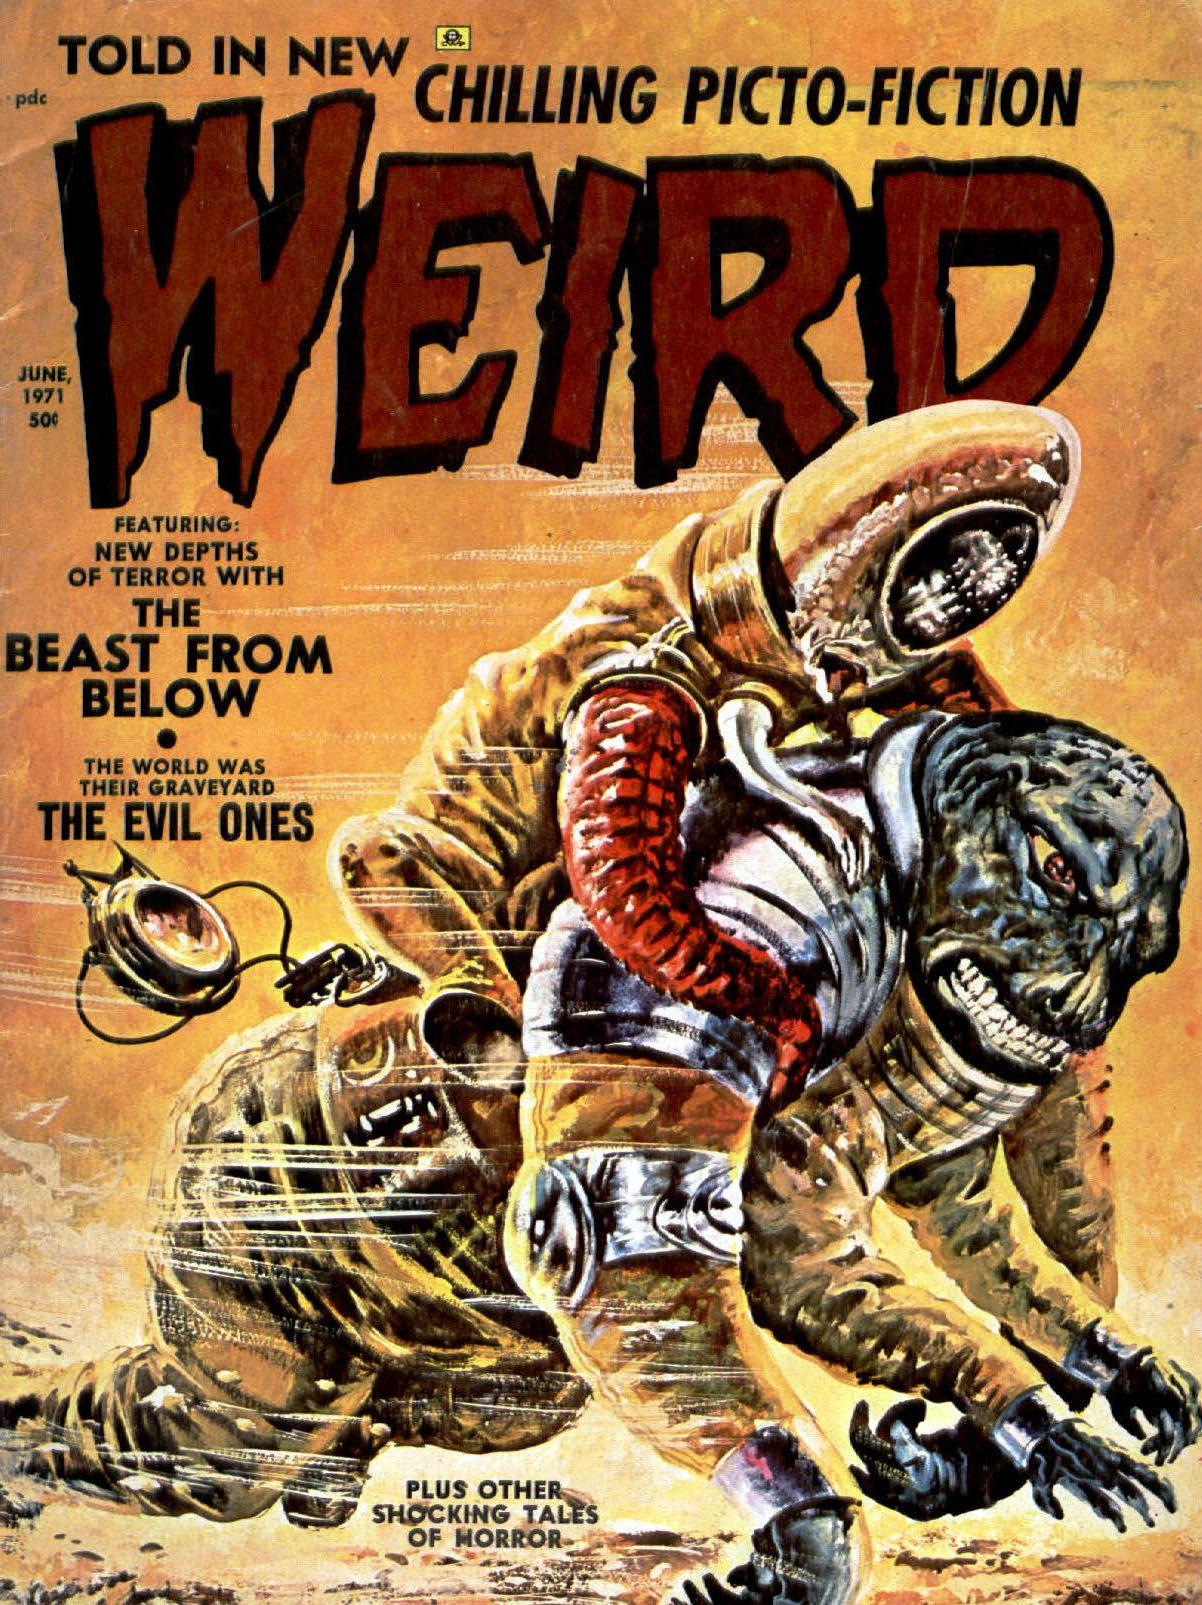 Weird Vol. 05 #3 (Eerie Publications, 1971)